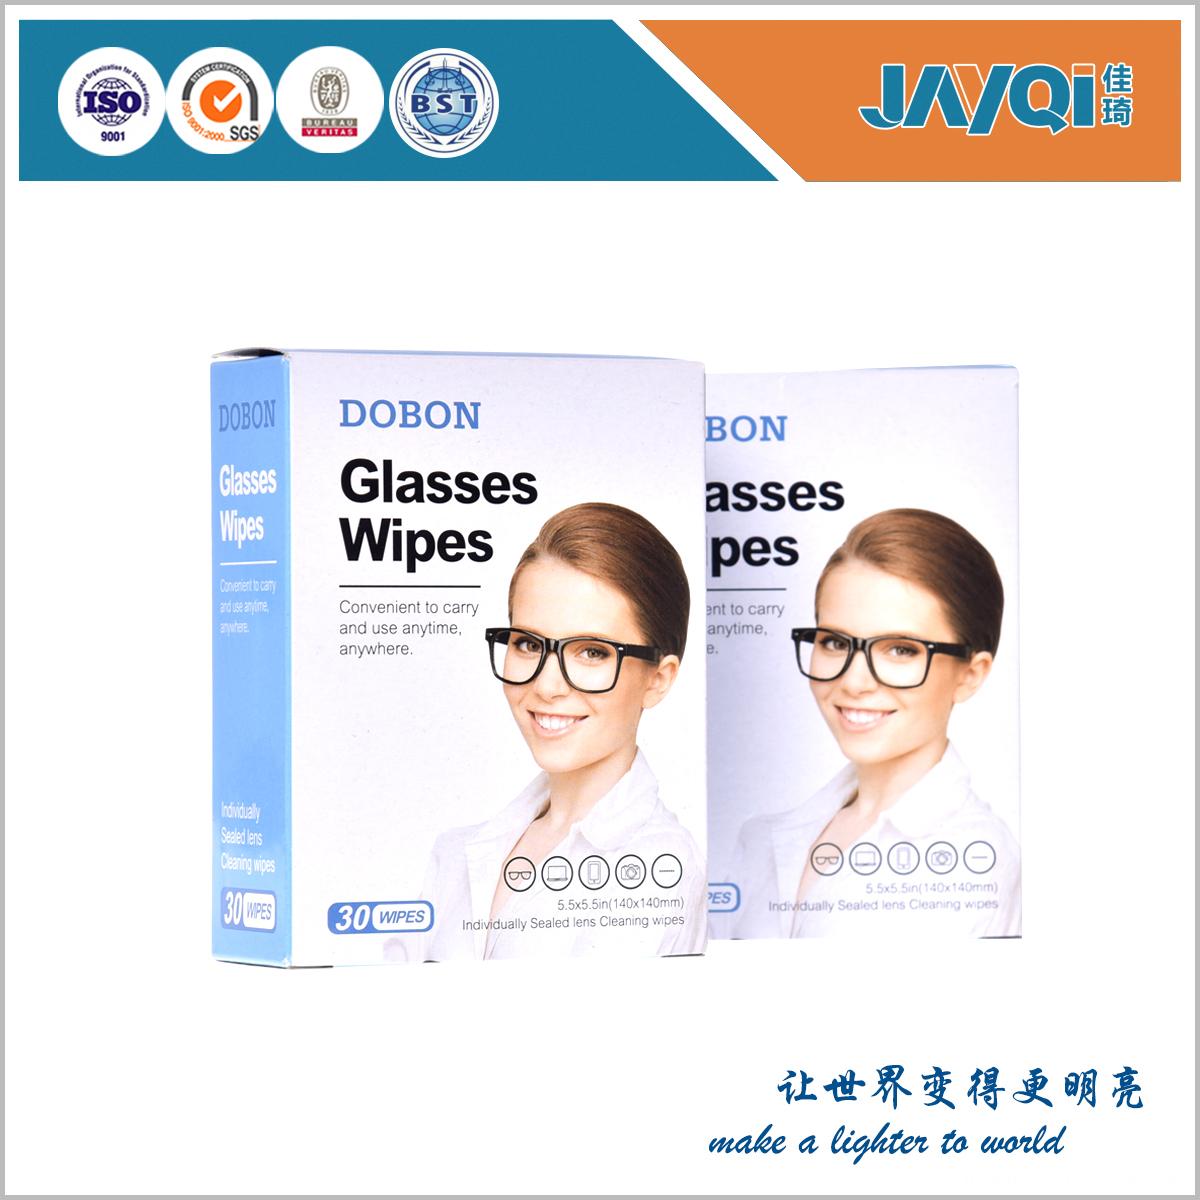 Pre-moistened Lens Wipes